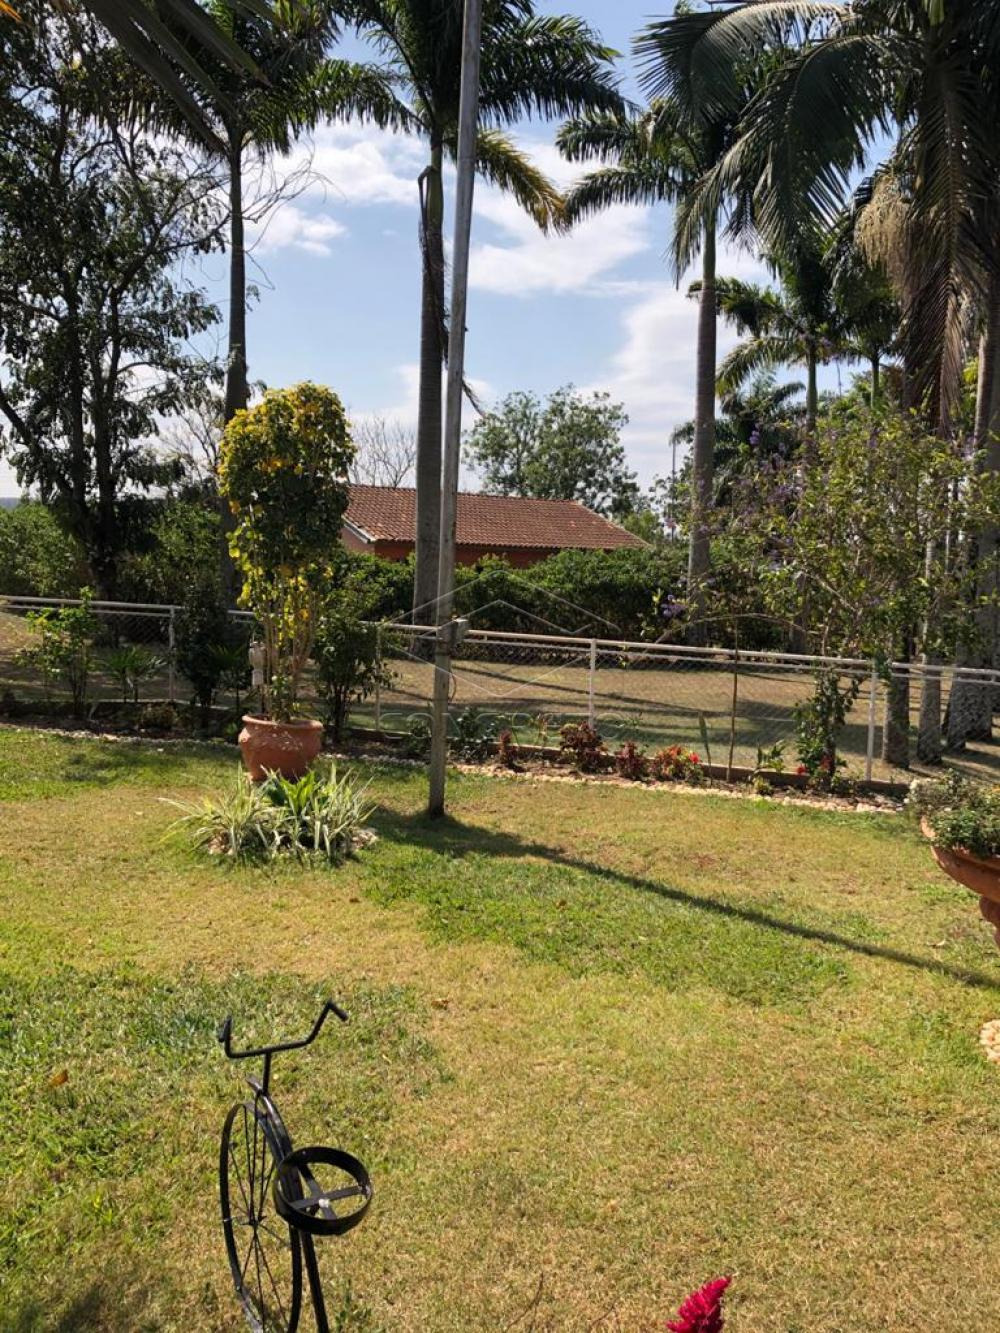 Comprar Rural / Chácara / Fazenda em Duartina apenas R$ 13.000.000,00 - Foto 20